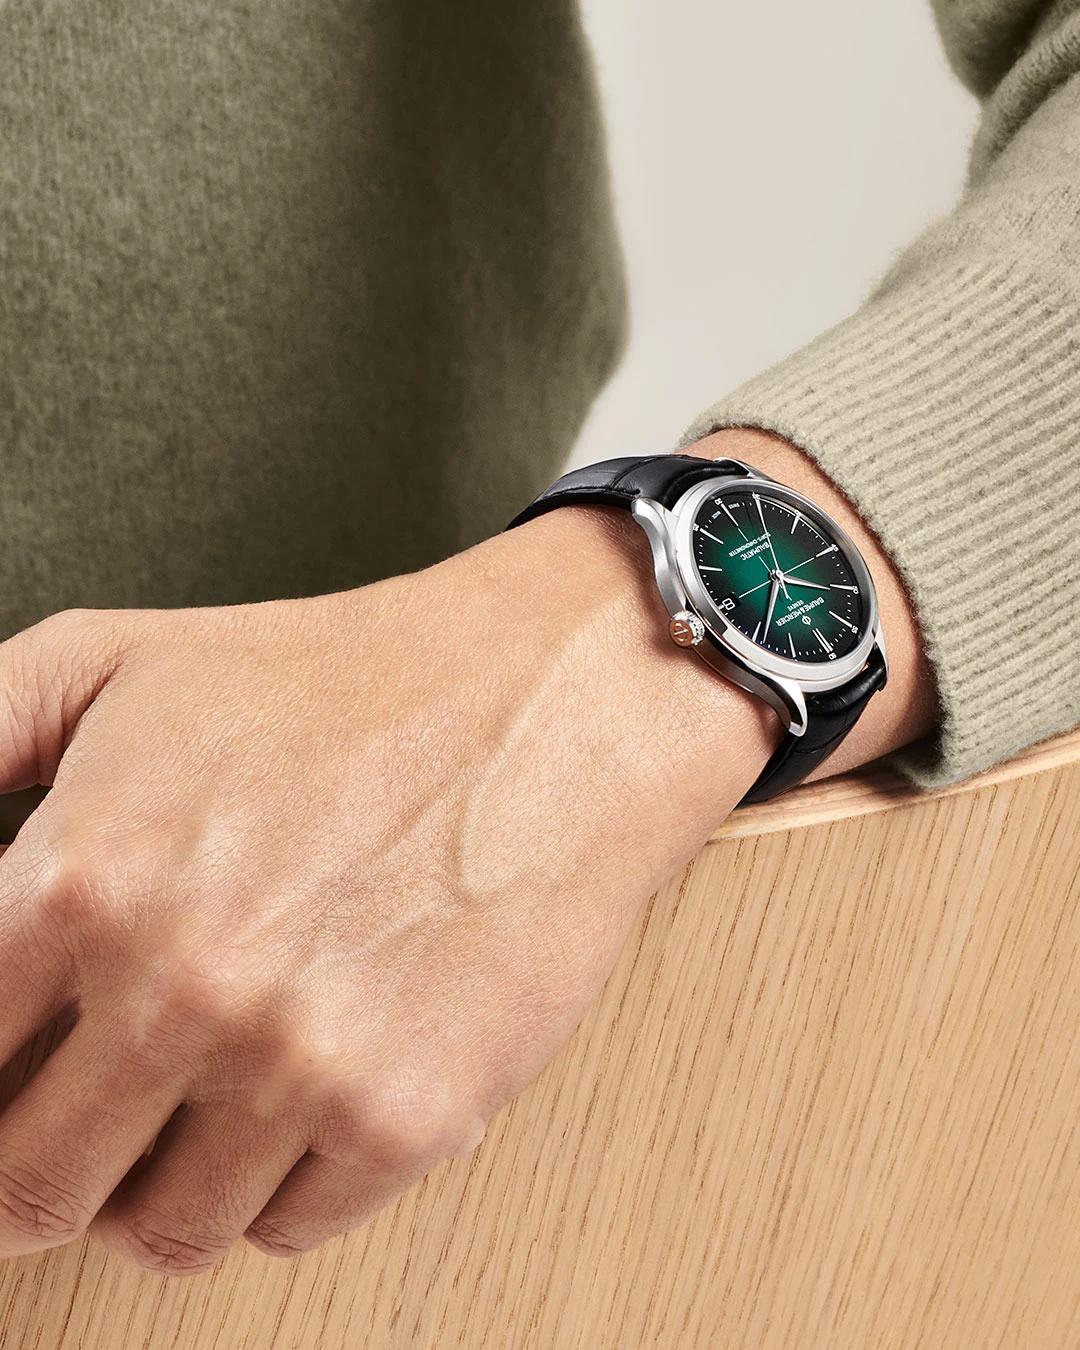 Baume et Mercier Clifton Baumatic 10592 Lifestyle wristshot